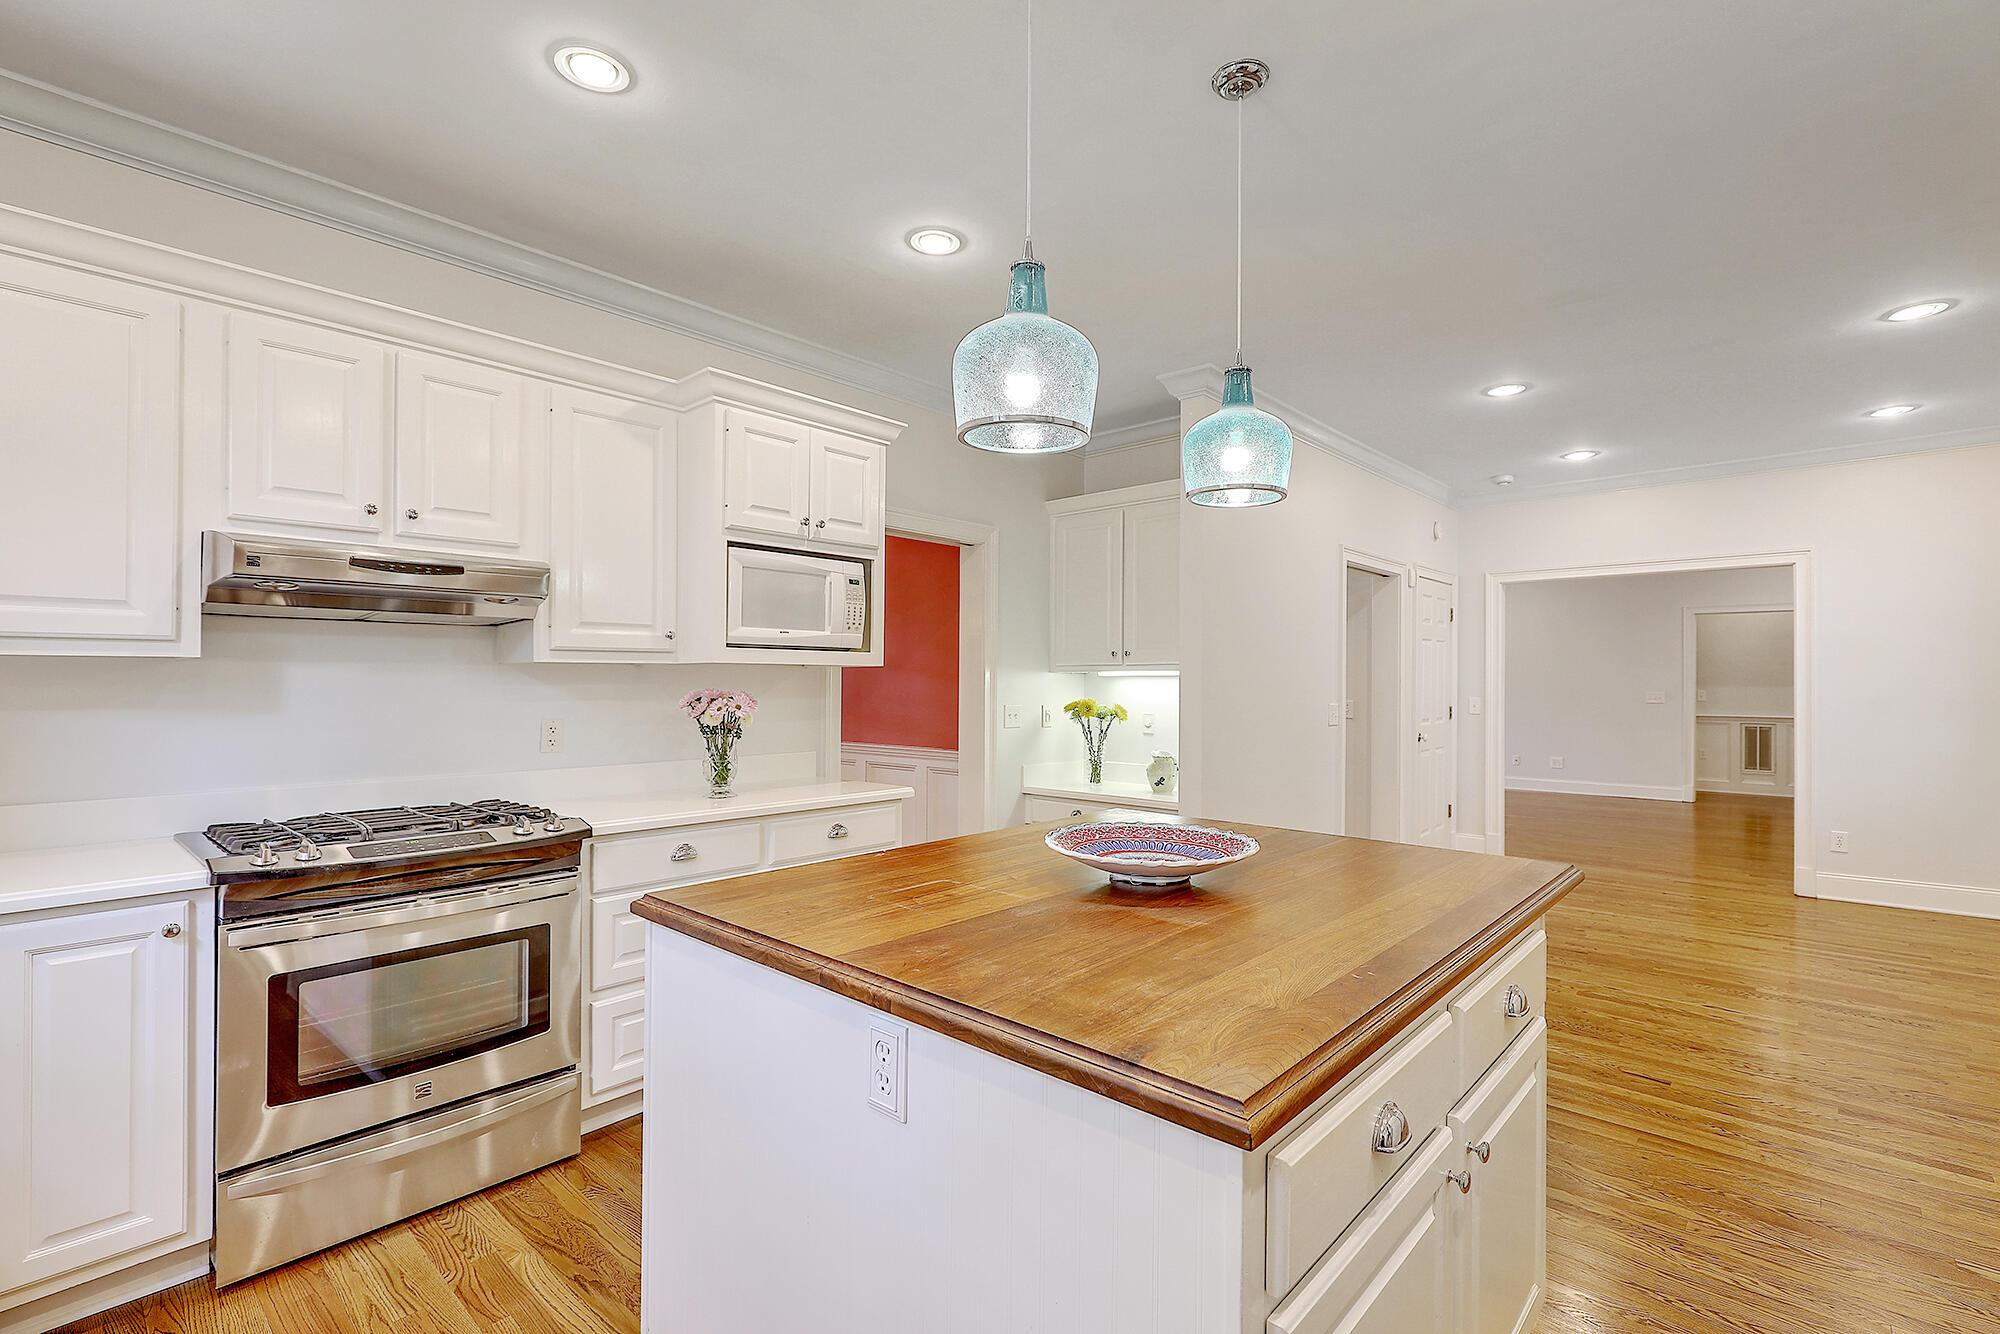 Stiles Point Plantation Homes For Sale - 816 Whispering Marsh, Charleston, SC - 16